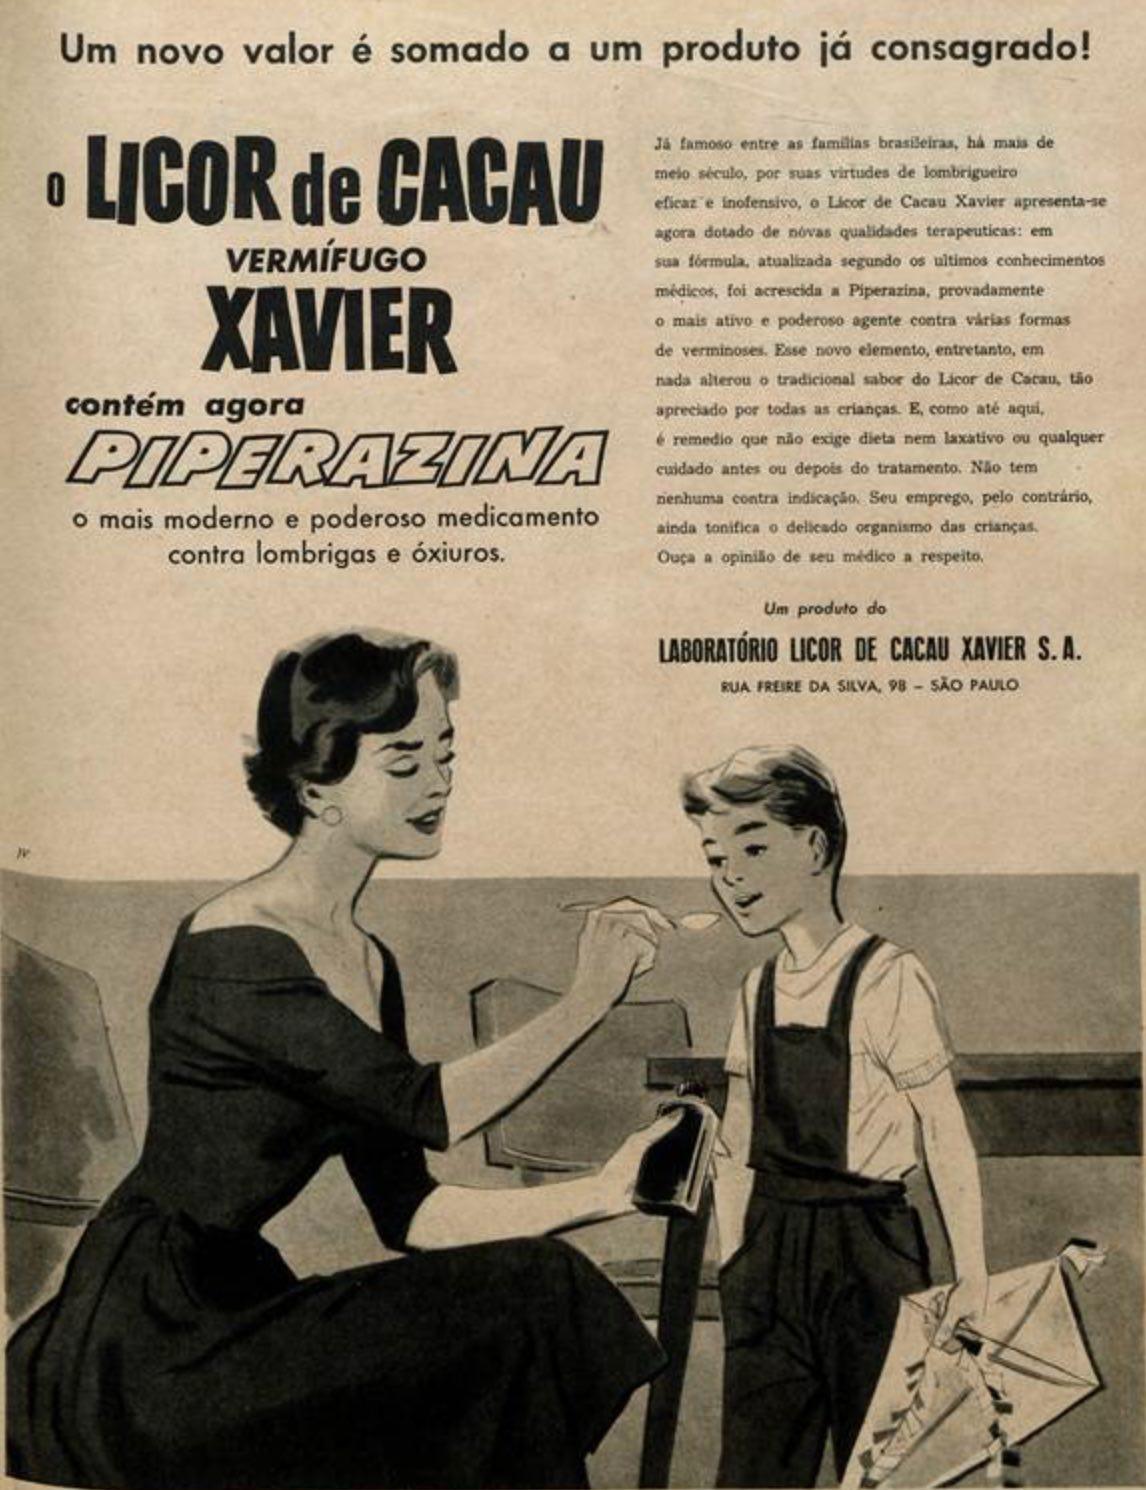 Anúncio antigo do Licor de Cacau Xavier com Piperazina veiculado em 1958